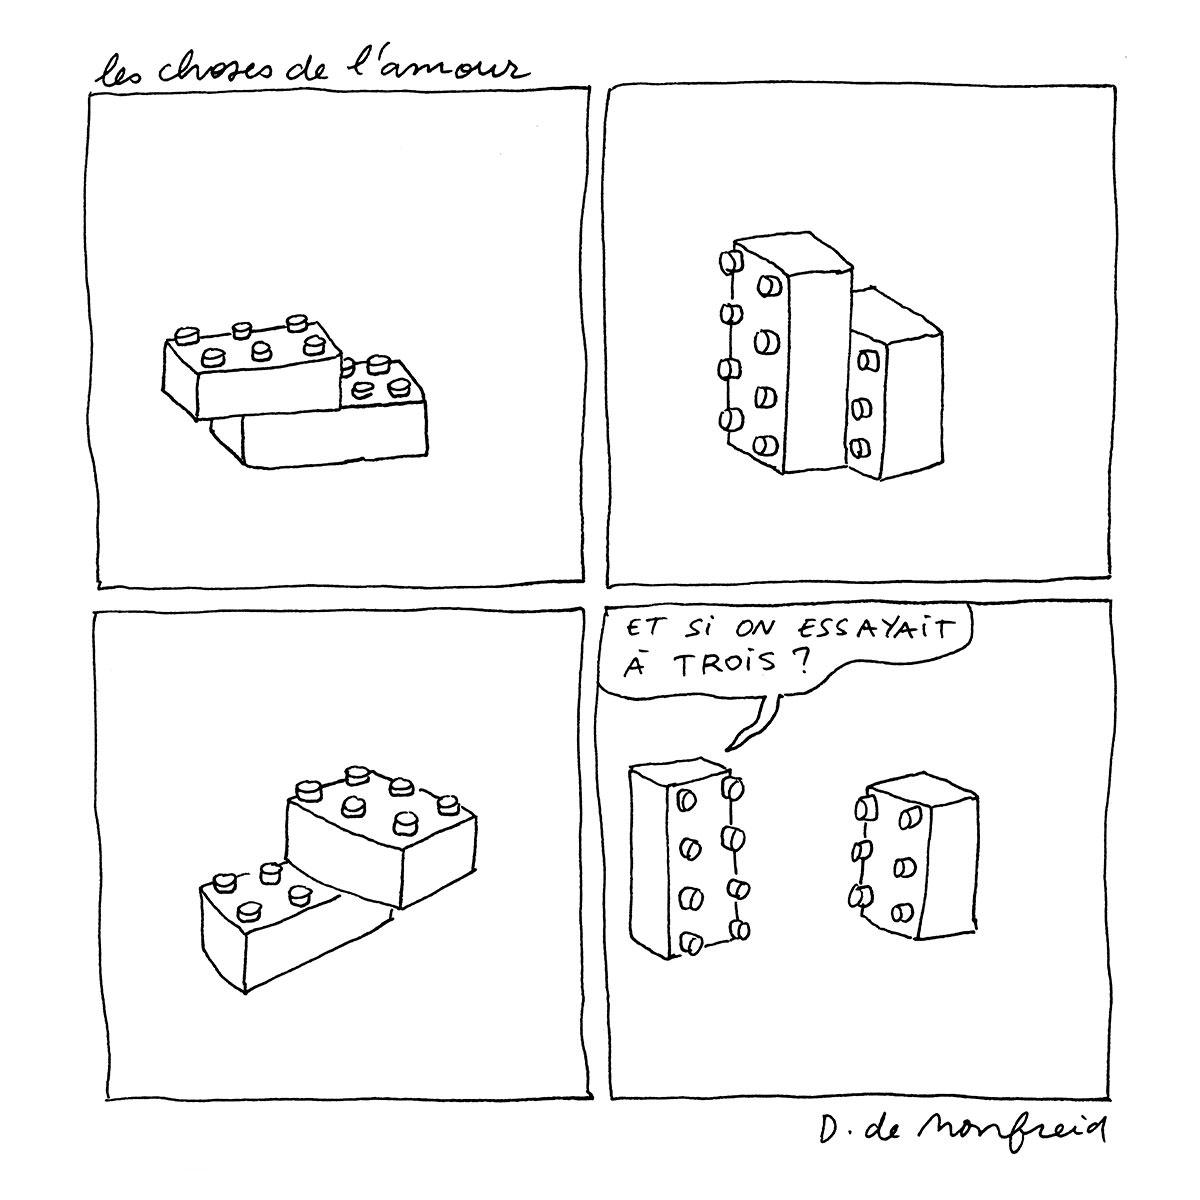 Les-chose-de-l-amour—lego1